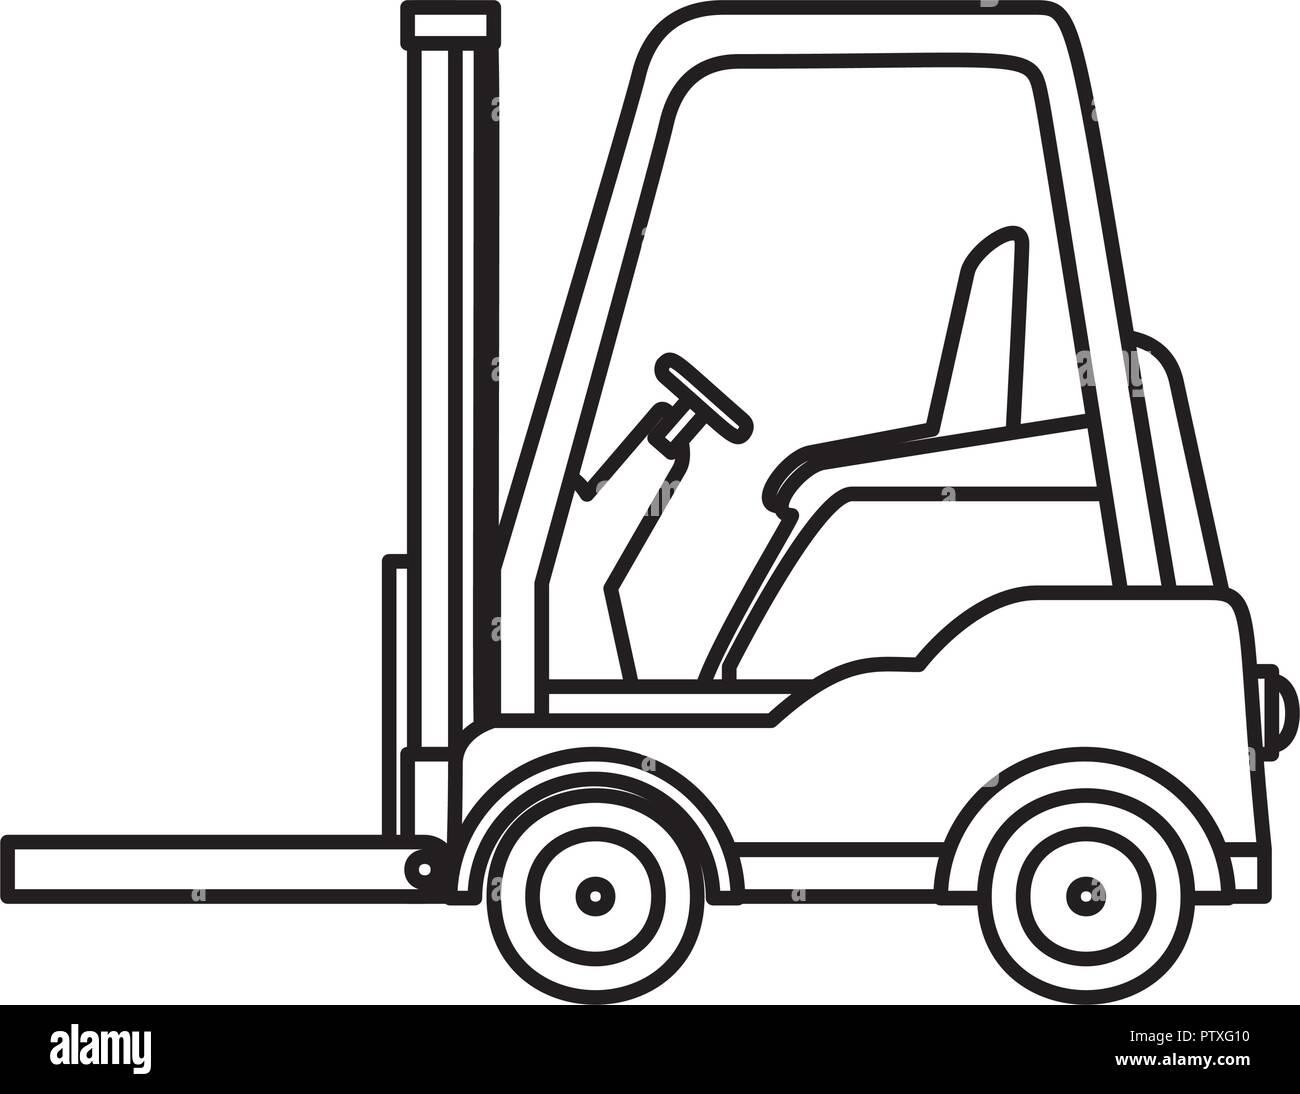 Carretilla Elevadora Vehículo Aislado Icono Diseño Ilustración